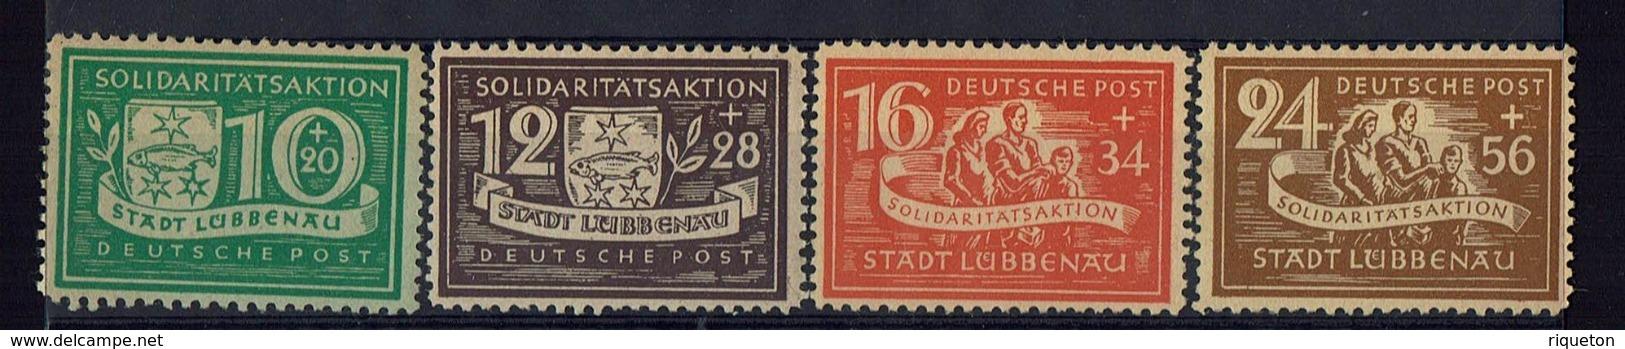 Allemagne - 1946 - Emission Locale Lubbenau N° 9-12 - Neufs Sans Charnière - XX - Dentelés 10.1/4 X 11. 3/4 - TB - - Zone Soviétique